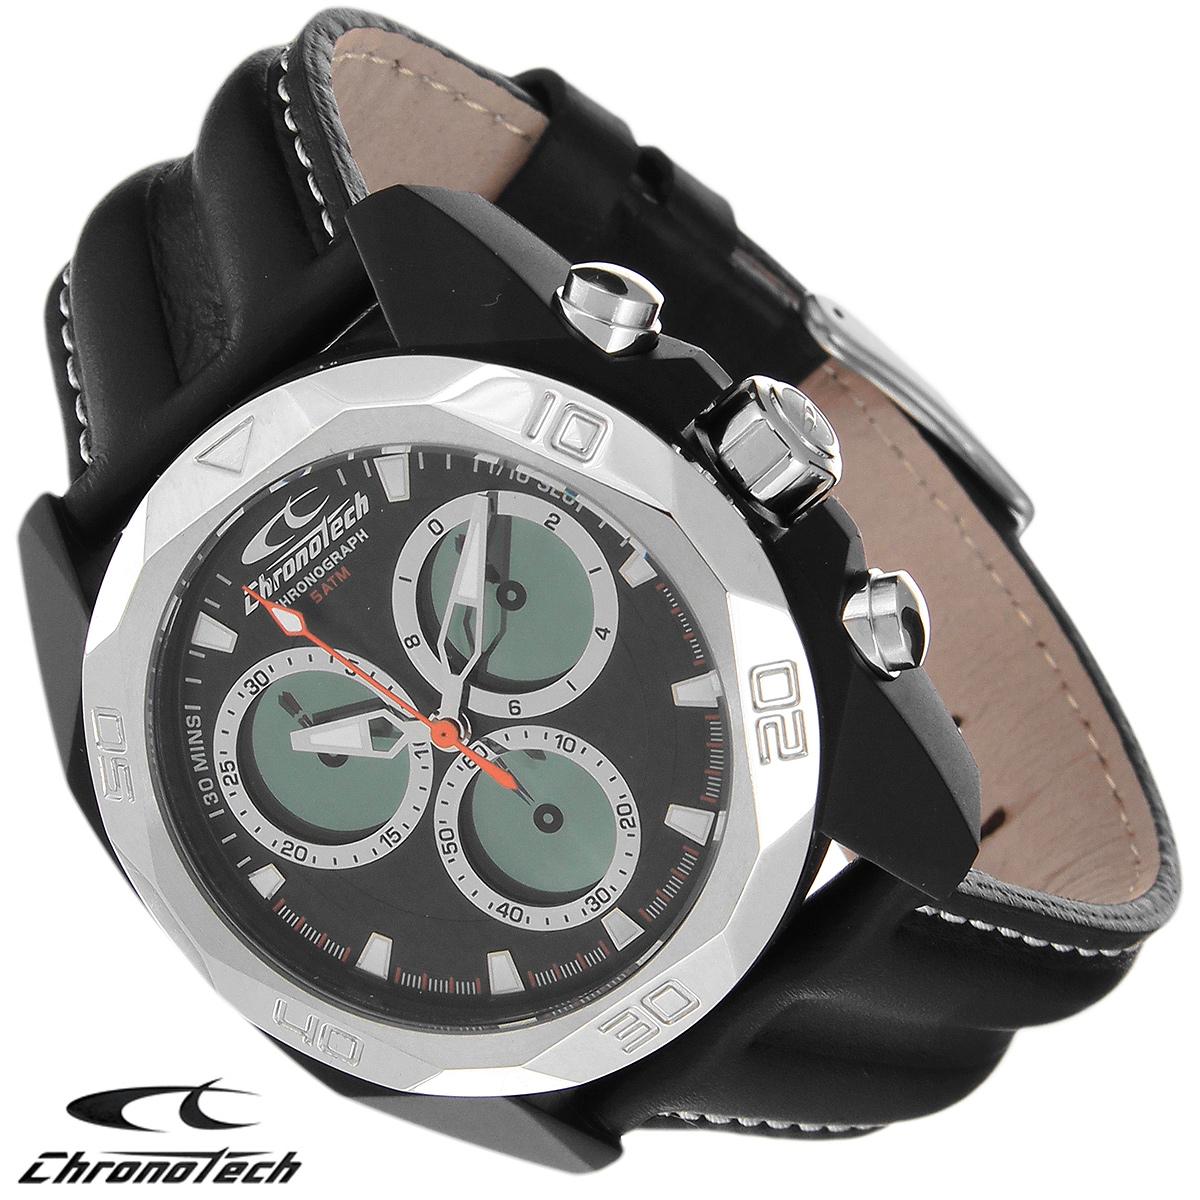 Часы мужские наручные Chronotech, цвет: черный. RW0059BM8434-58AEЧасы Chronotech - это часы для современных и стильных людей, которые стремятся выделиться из толпы и подчеркнуть свою индивидуальность. Корпус часов выполнен из нержавеющей стали с покрытием поликарбонатом. Циферблат оформлен отметками и защищен минеральным стеклом. Часы имеют три стрелки - часовую, минутную и секундную. Стрелки и отметки светятся в темноте. Часы оснащены функцией хронографа и имеют секундомер. Ремешок часов выполнен из натуральной кожи и застегивается на классическую застежку. Часы упакованы в фирменную коробку с логотипом компании Chronotech. Такой аксессуар добавит вашему образу стиля и подчеркнет безупречный вкус своего владельца.Характеристики: Диаметр циферблата: 3,3 см.Размер корпуса: 4,3 см х 4,8 см х 1,2 см.Длина ремешка (с корпусом): 24,5 см.Ширина ремешка: 2,2 см.